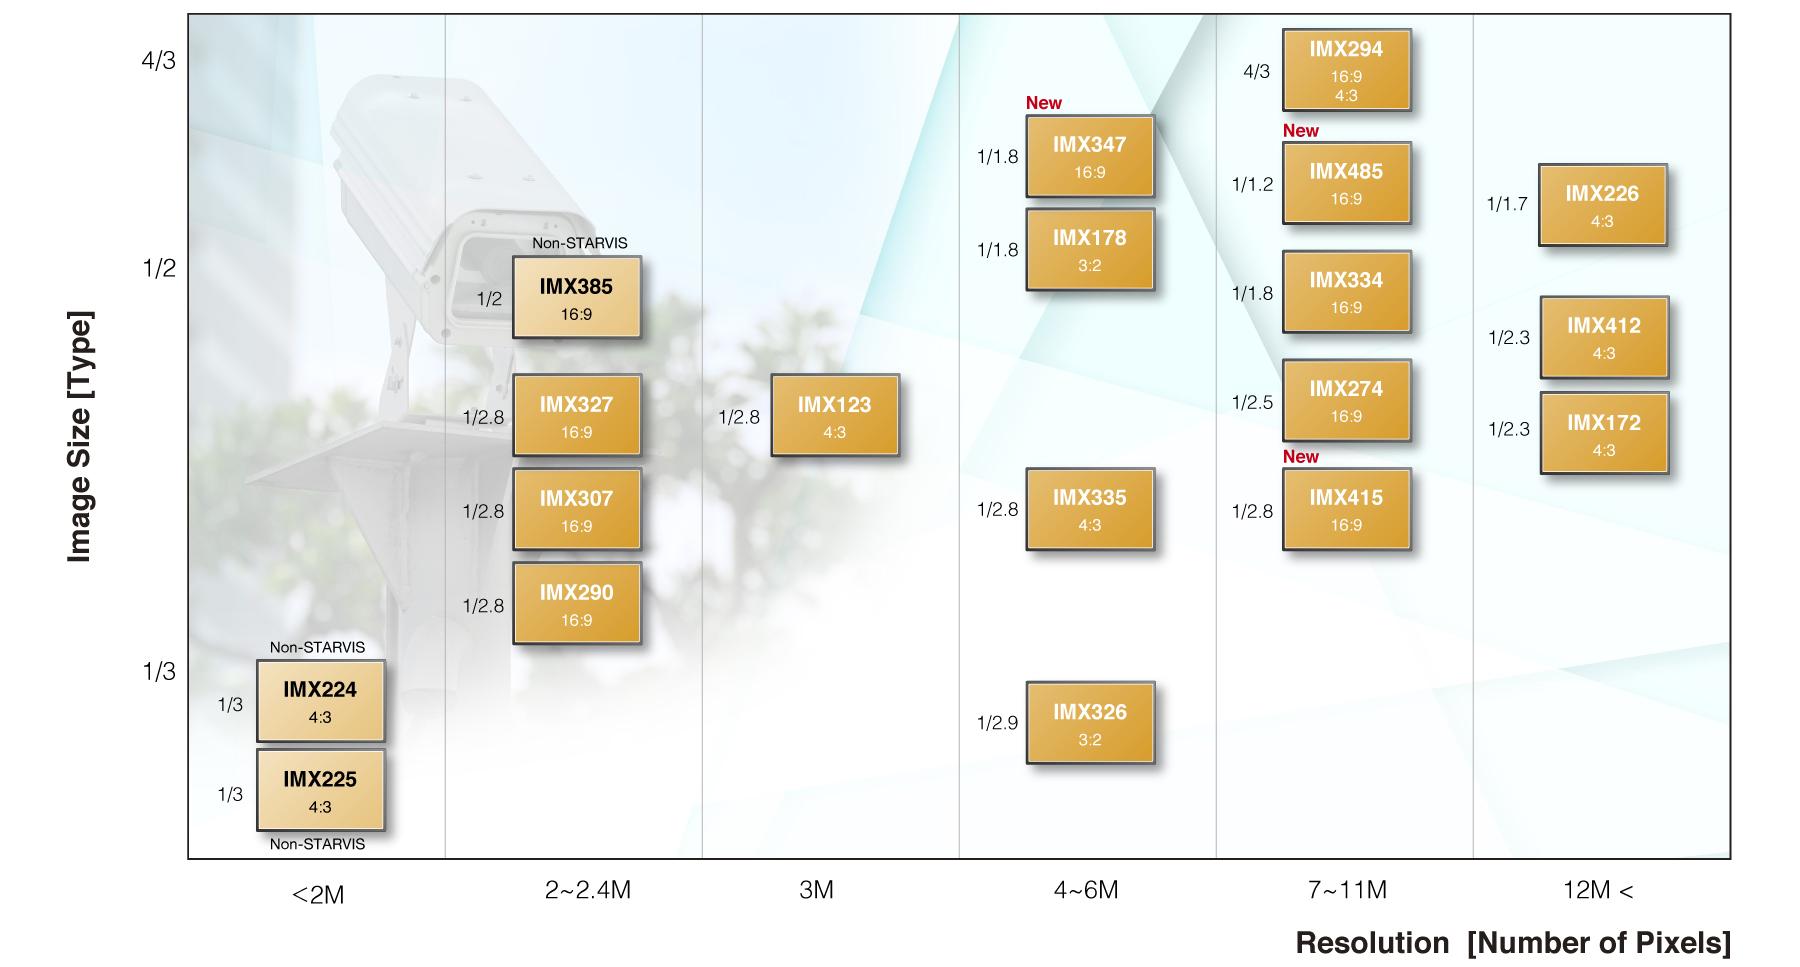 Эта разъясняющая таблица приведена с целью ознакомления точных данных параметров разрешения, технологию изготовления сенсоров изображения выпускаемых Sony данные верны на июнь 2019 года.